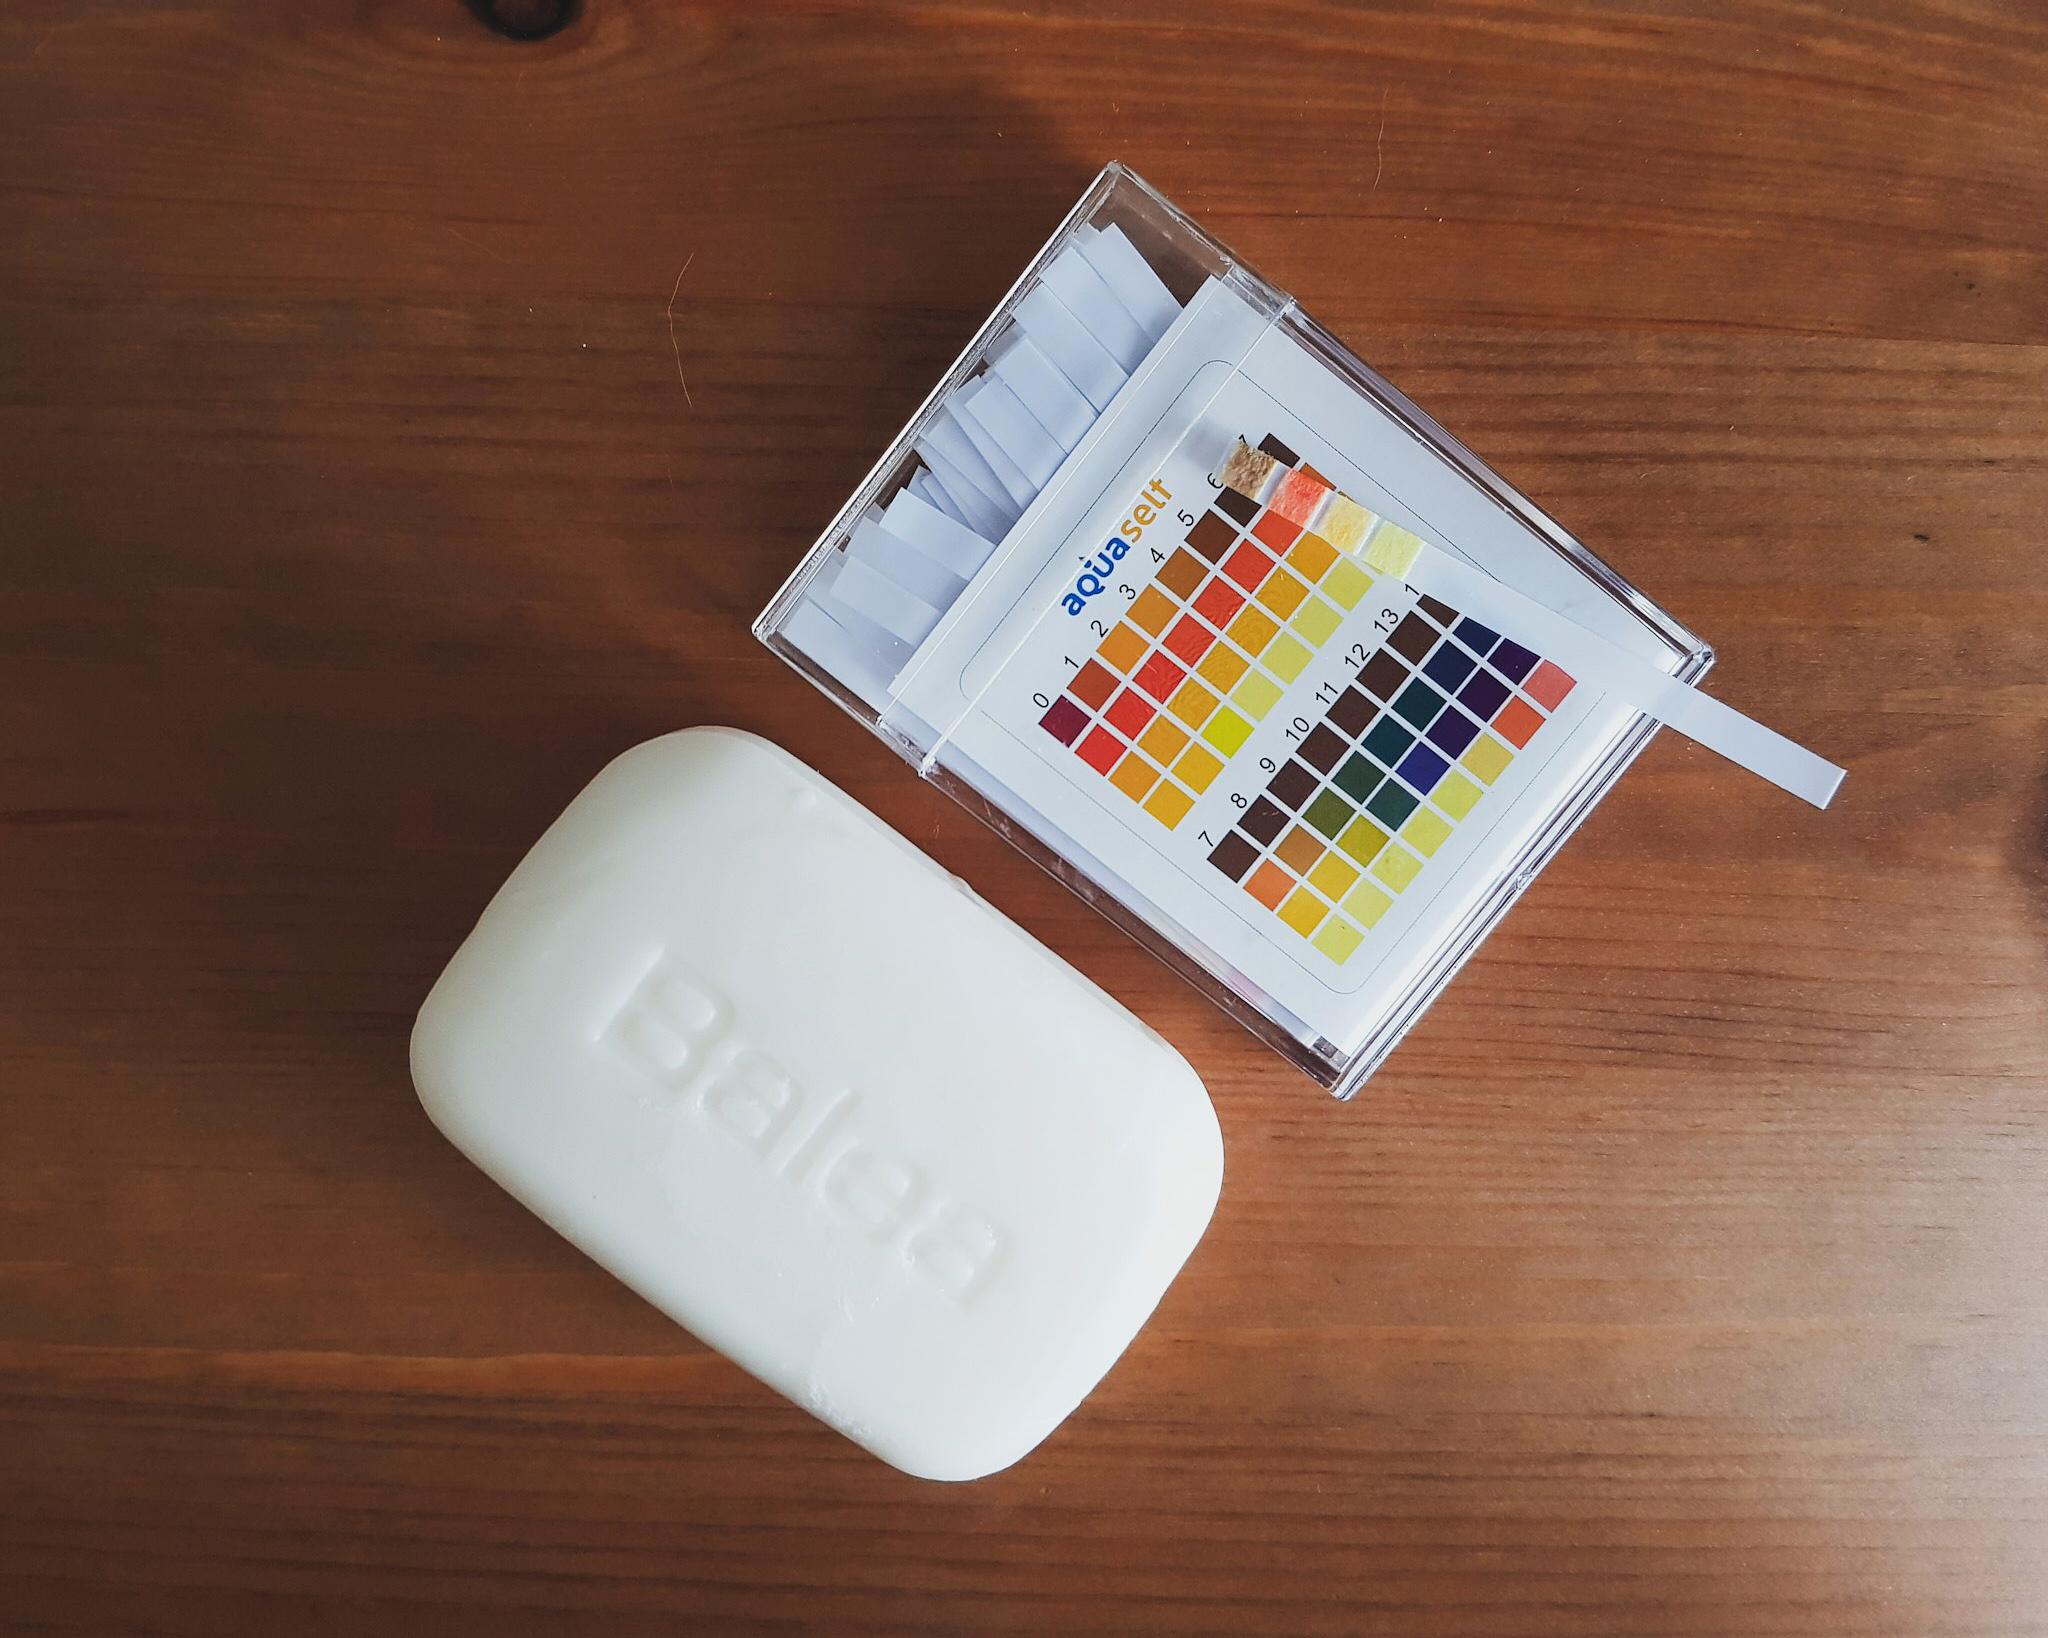 Balea seifenfreies Waschstück mit pH-Teststreifen daneben, welcher einen Wert von 5 zeigt